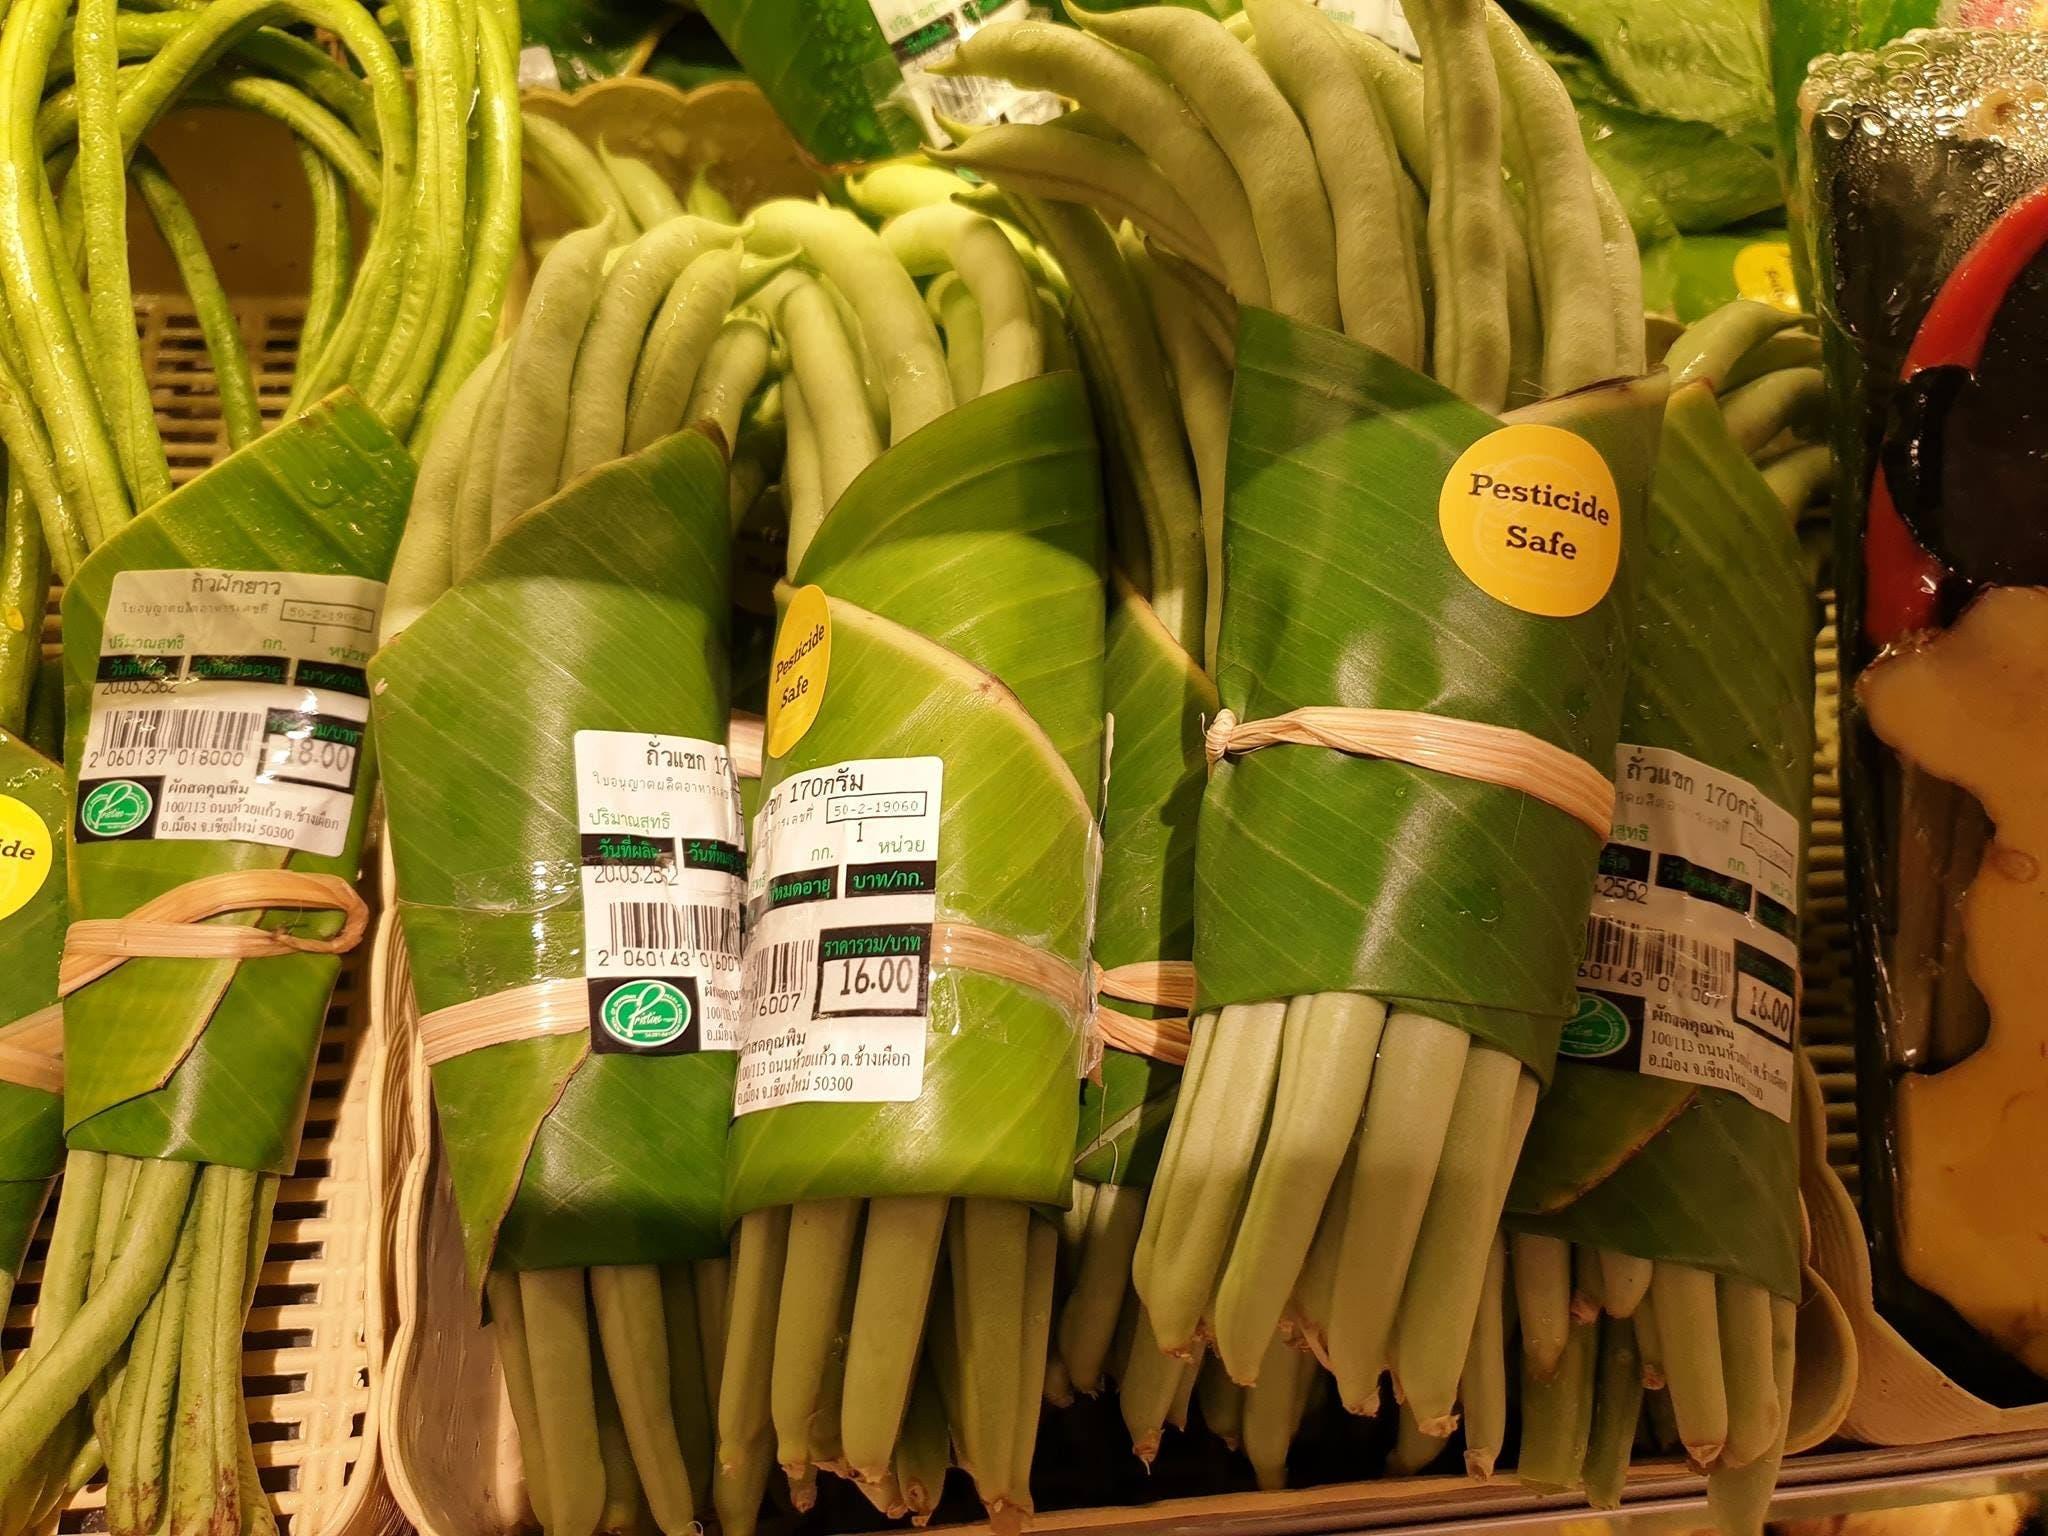 Des feuilles de bananiers à la place des sacs plastiques